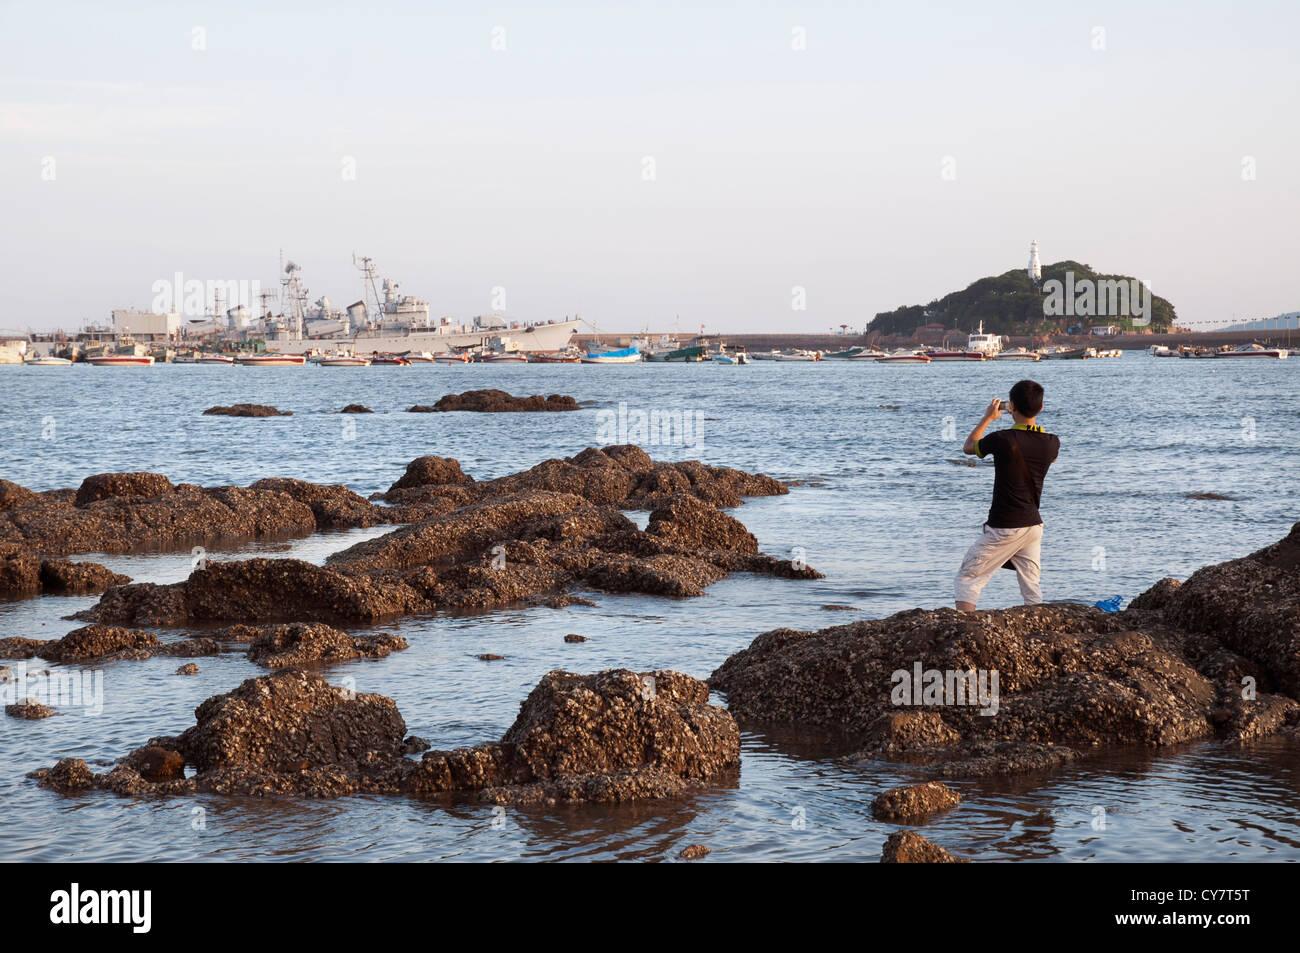 5162b60b83d26 Un turista toma una foto de un destructor chino anclados en la bahía de  Qingdao